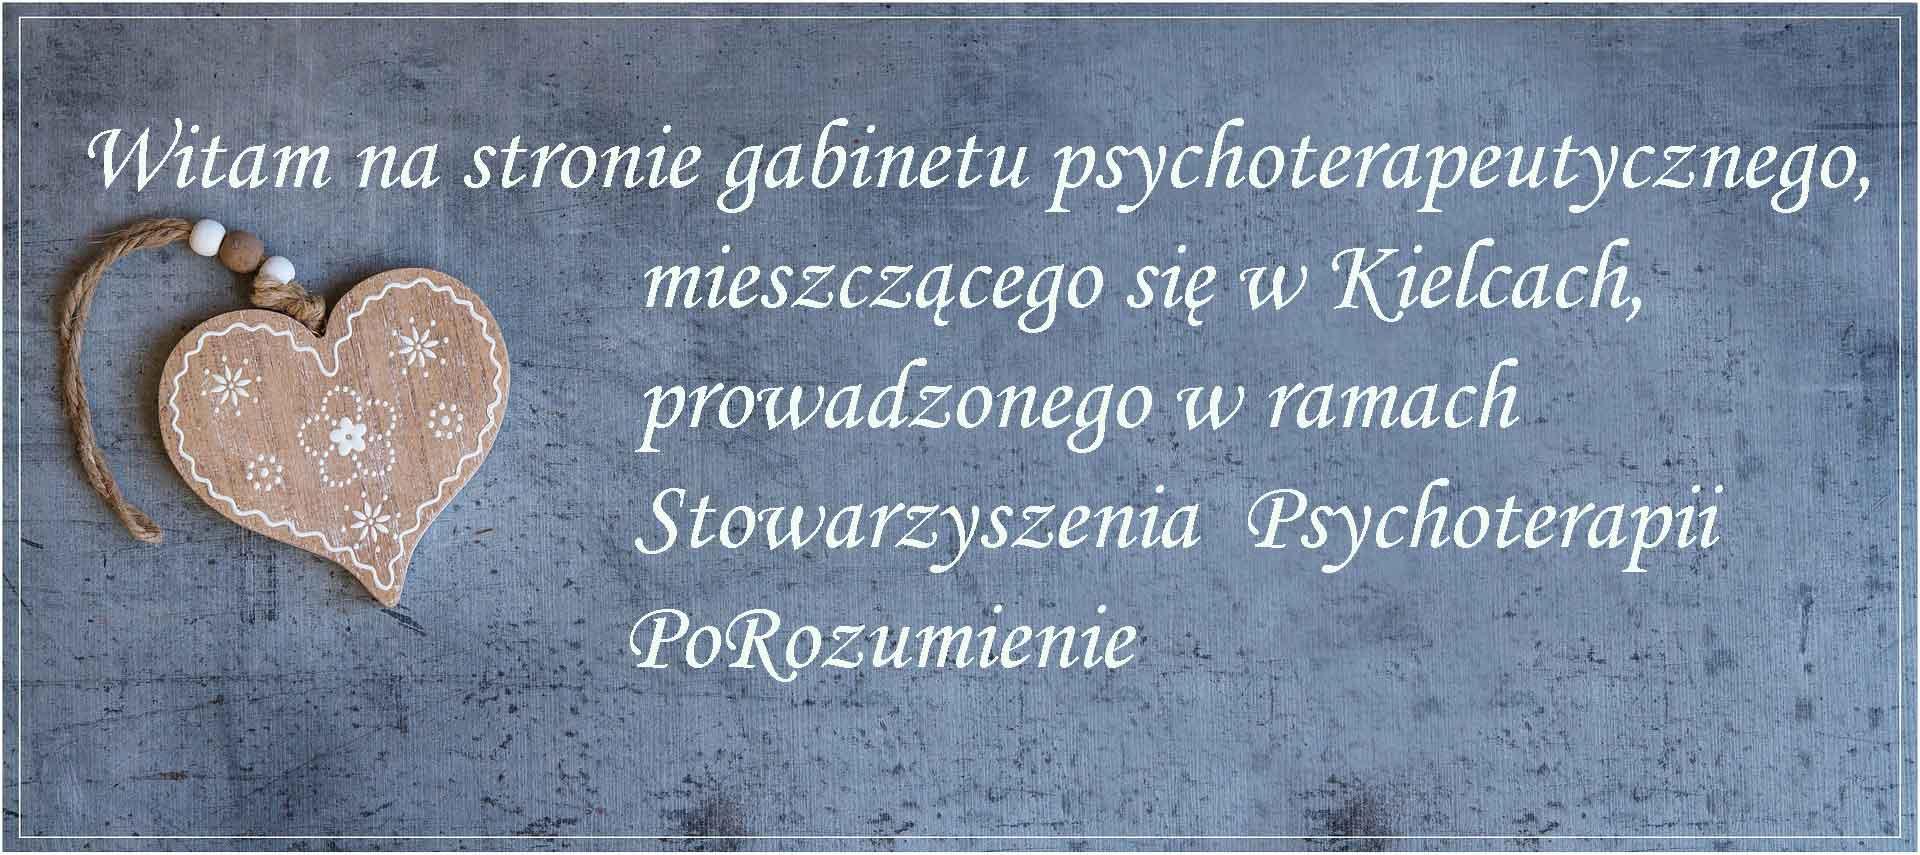 Gabinet psychoterapeutyczny w Kielcach